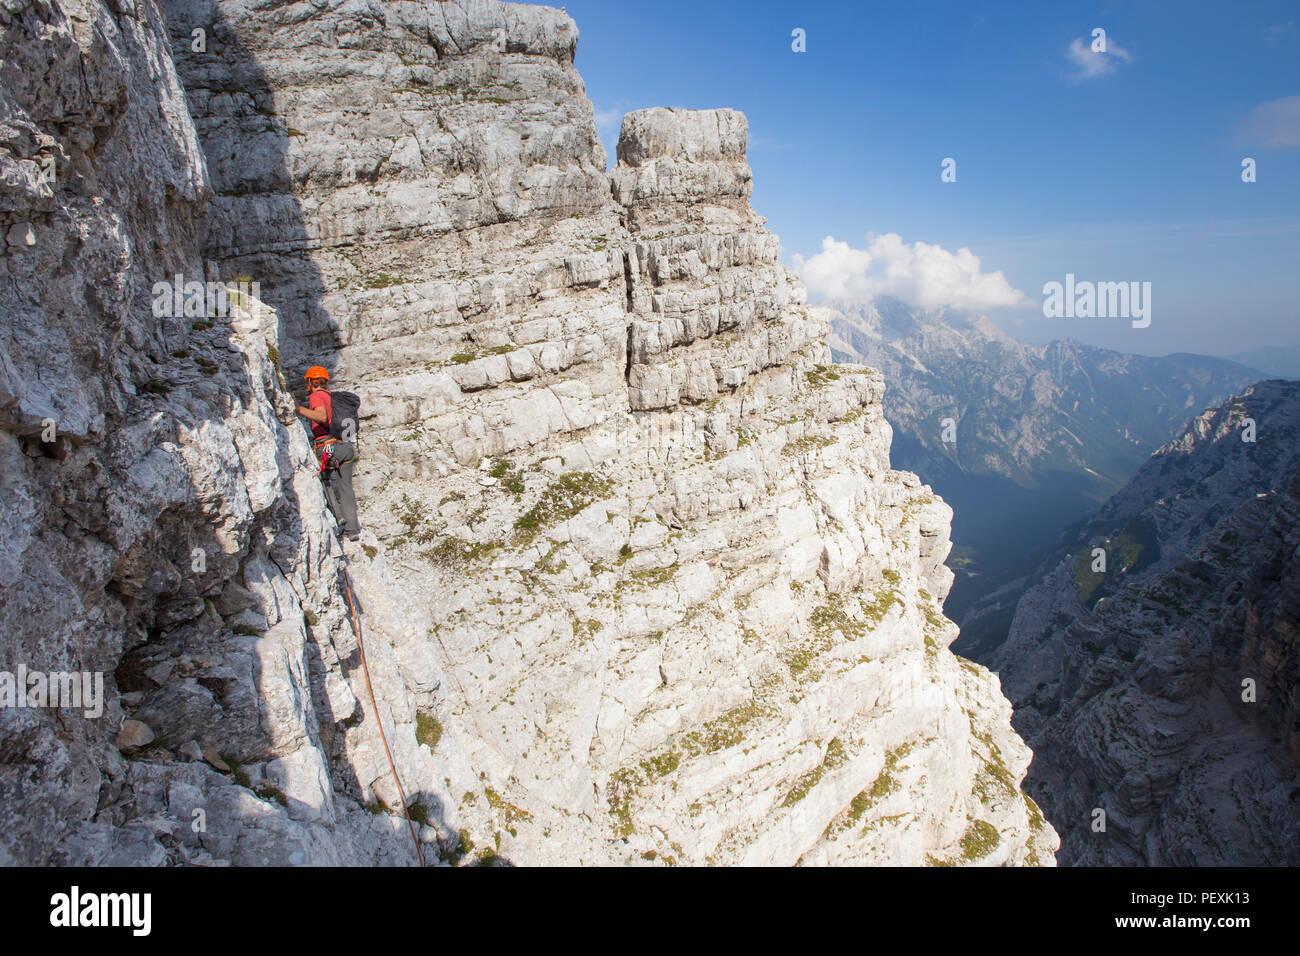 Guida di montagna Camminando lungo la scogliera durante la salita del Triglav, Slovenia Immagini Stock